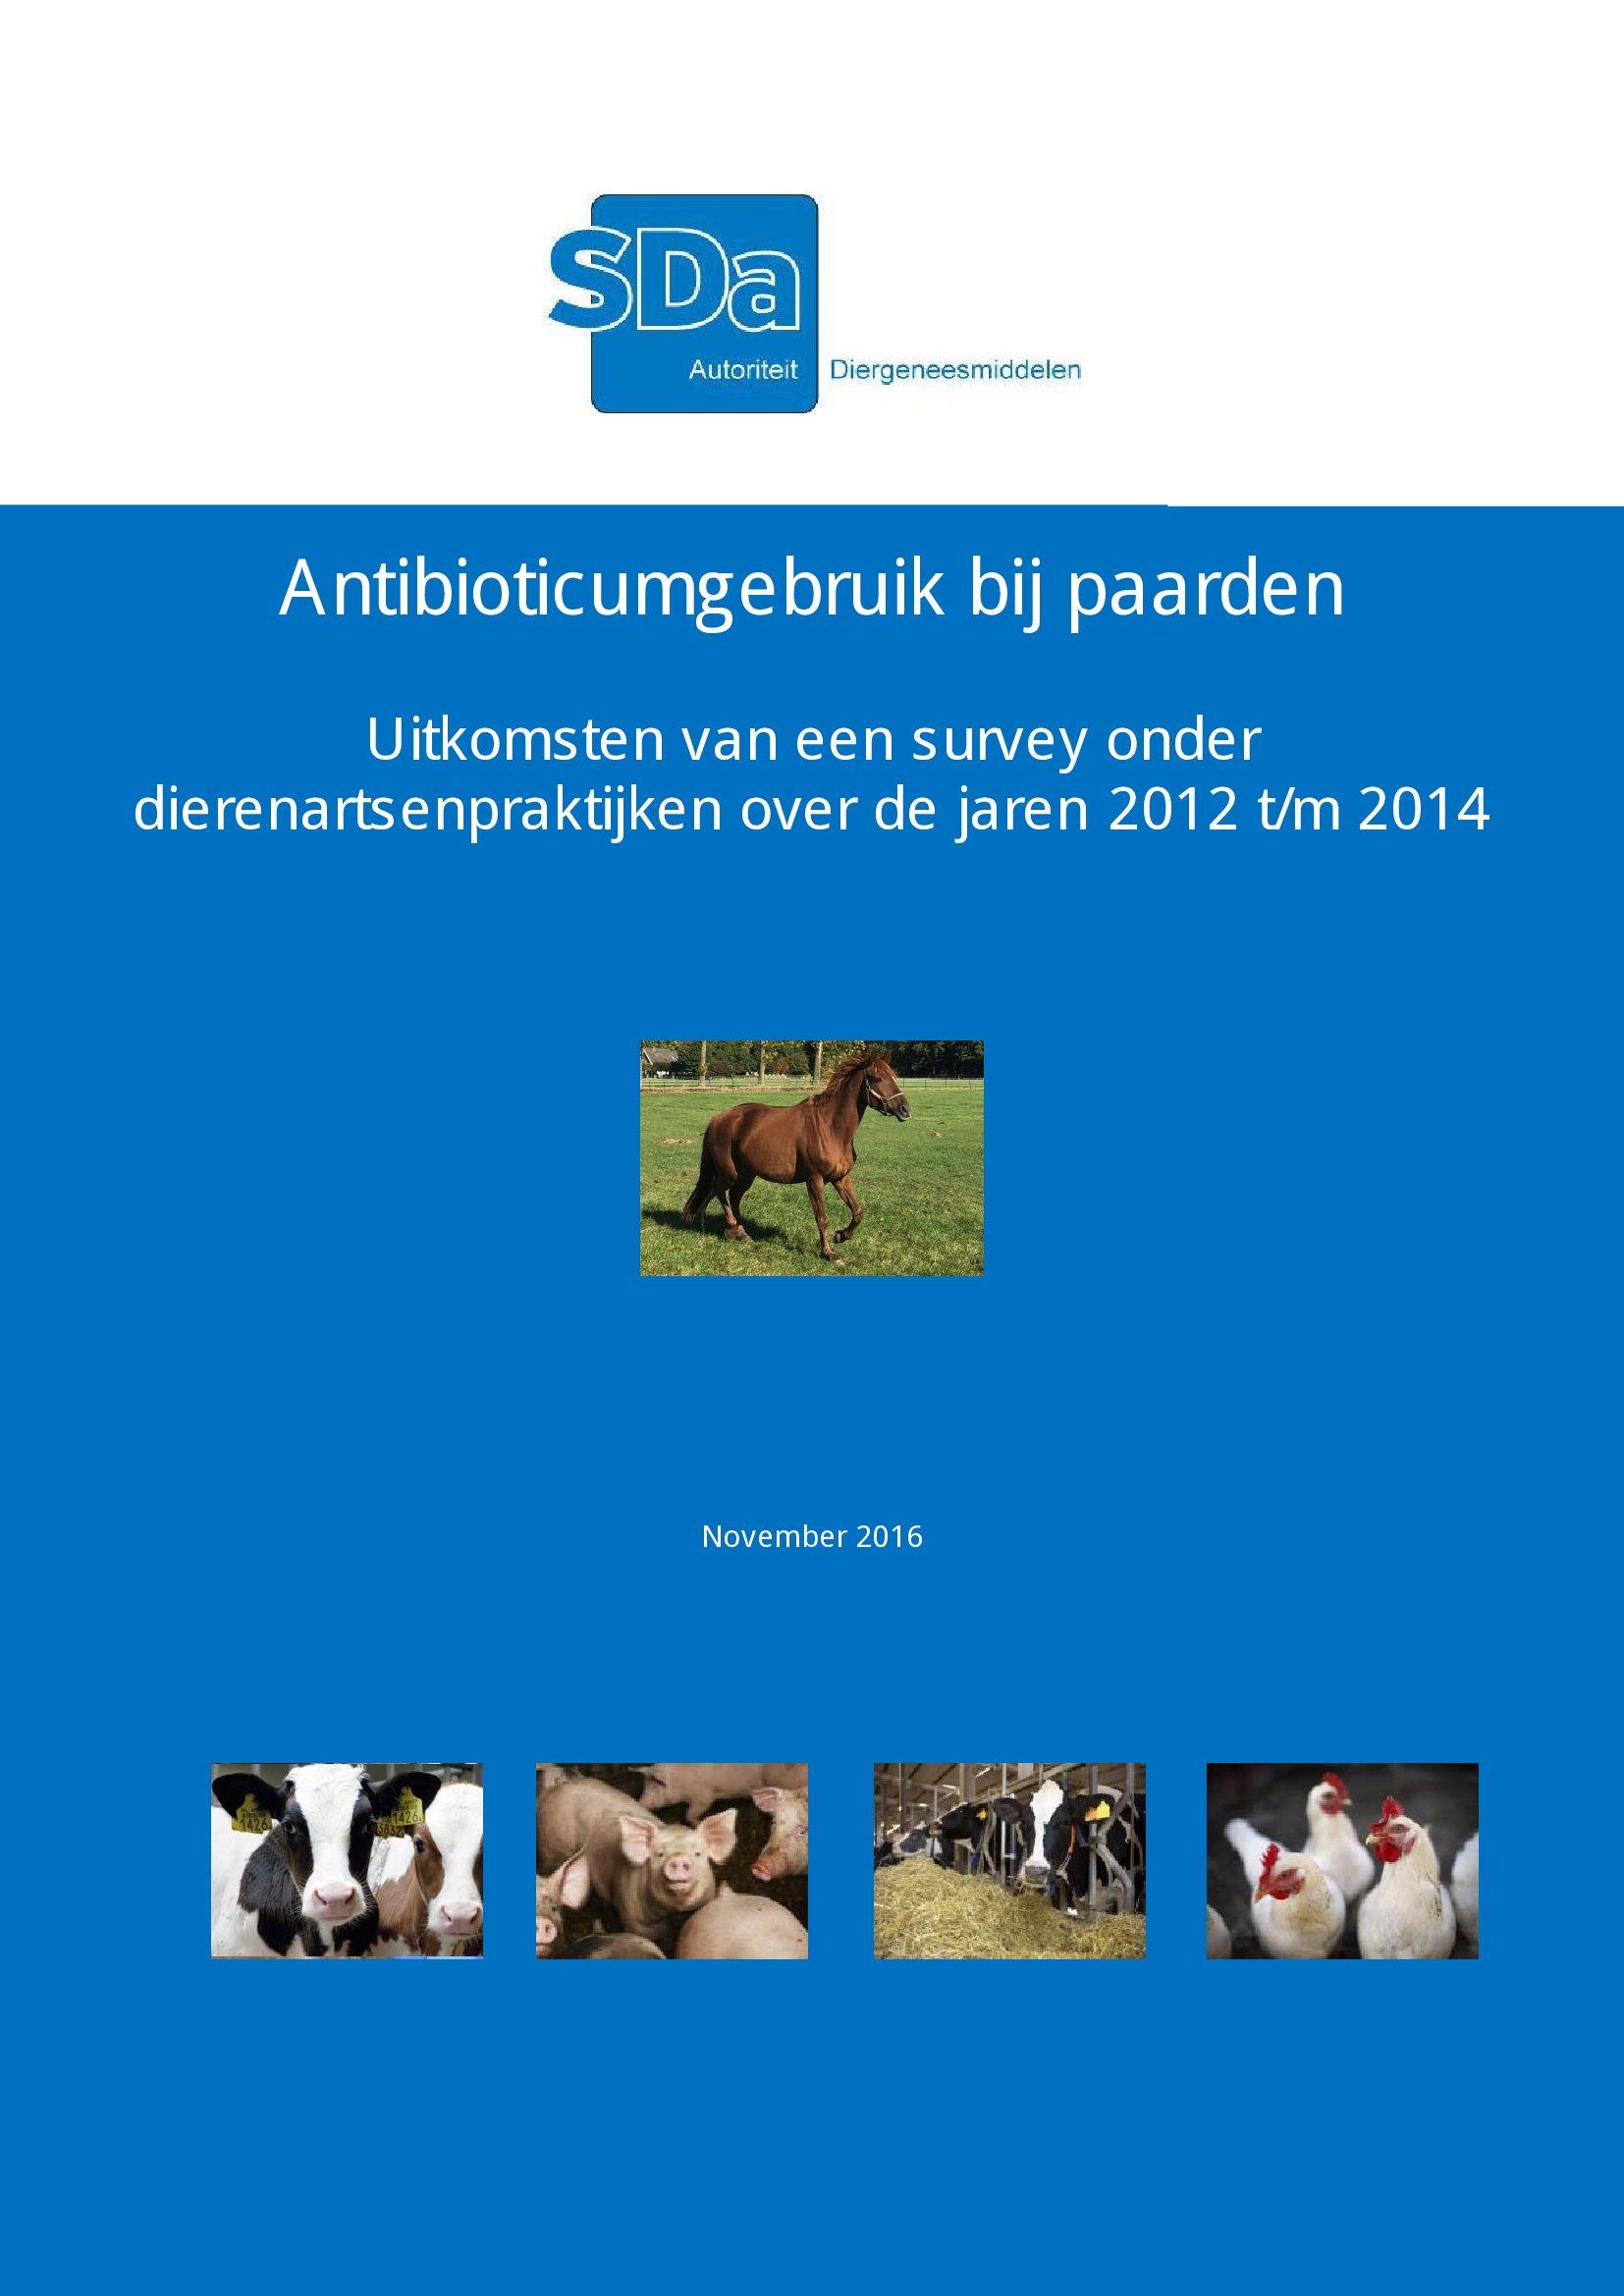 SDa-rapport 'antibioticumgebruik bij paarden'